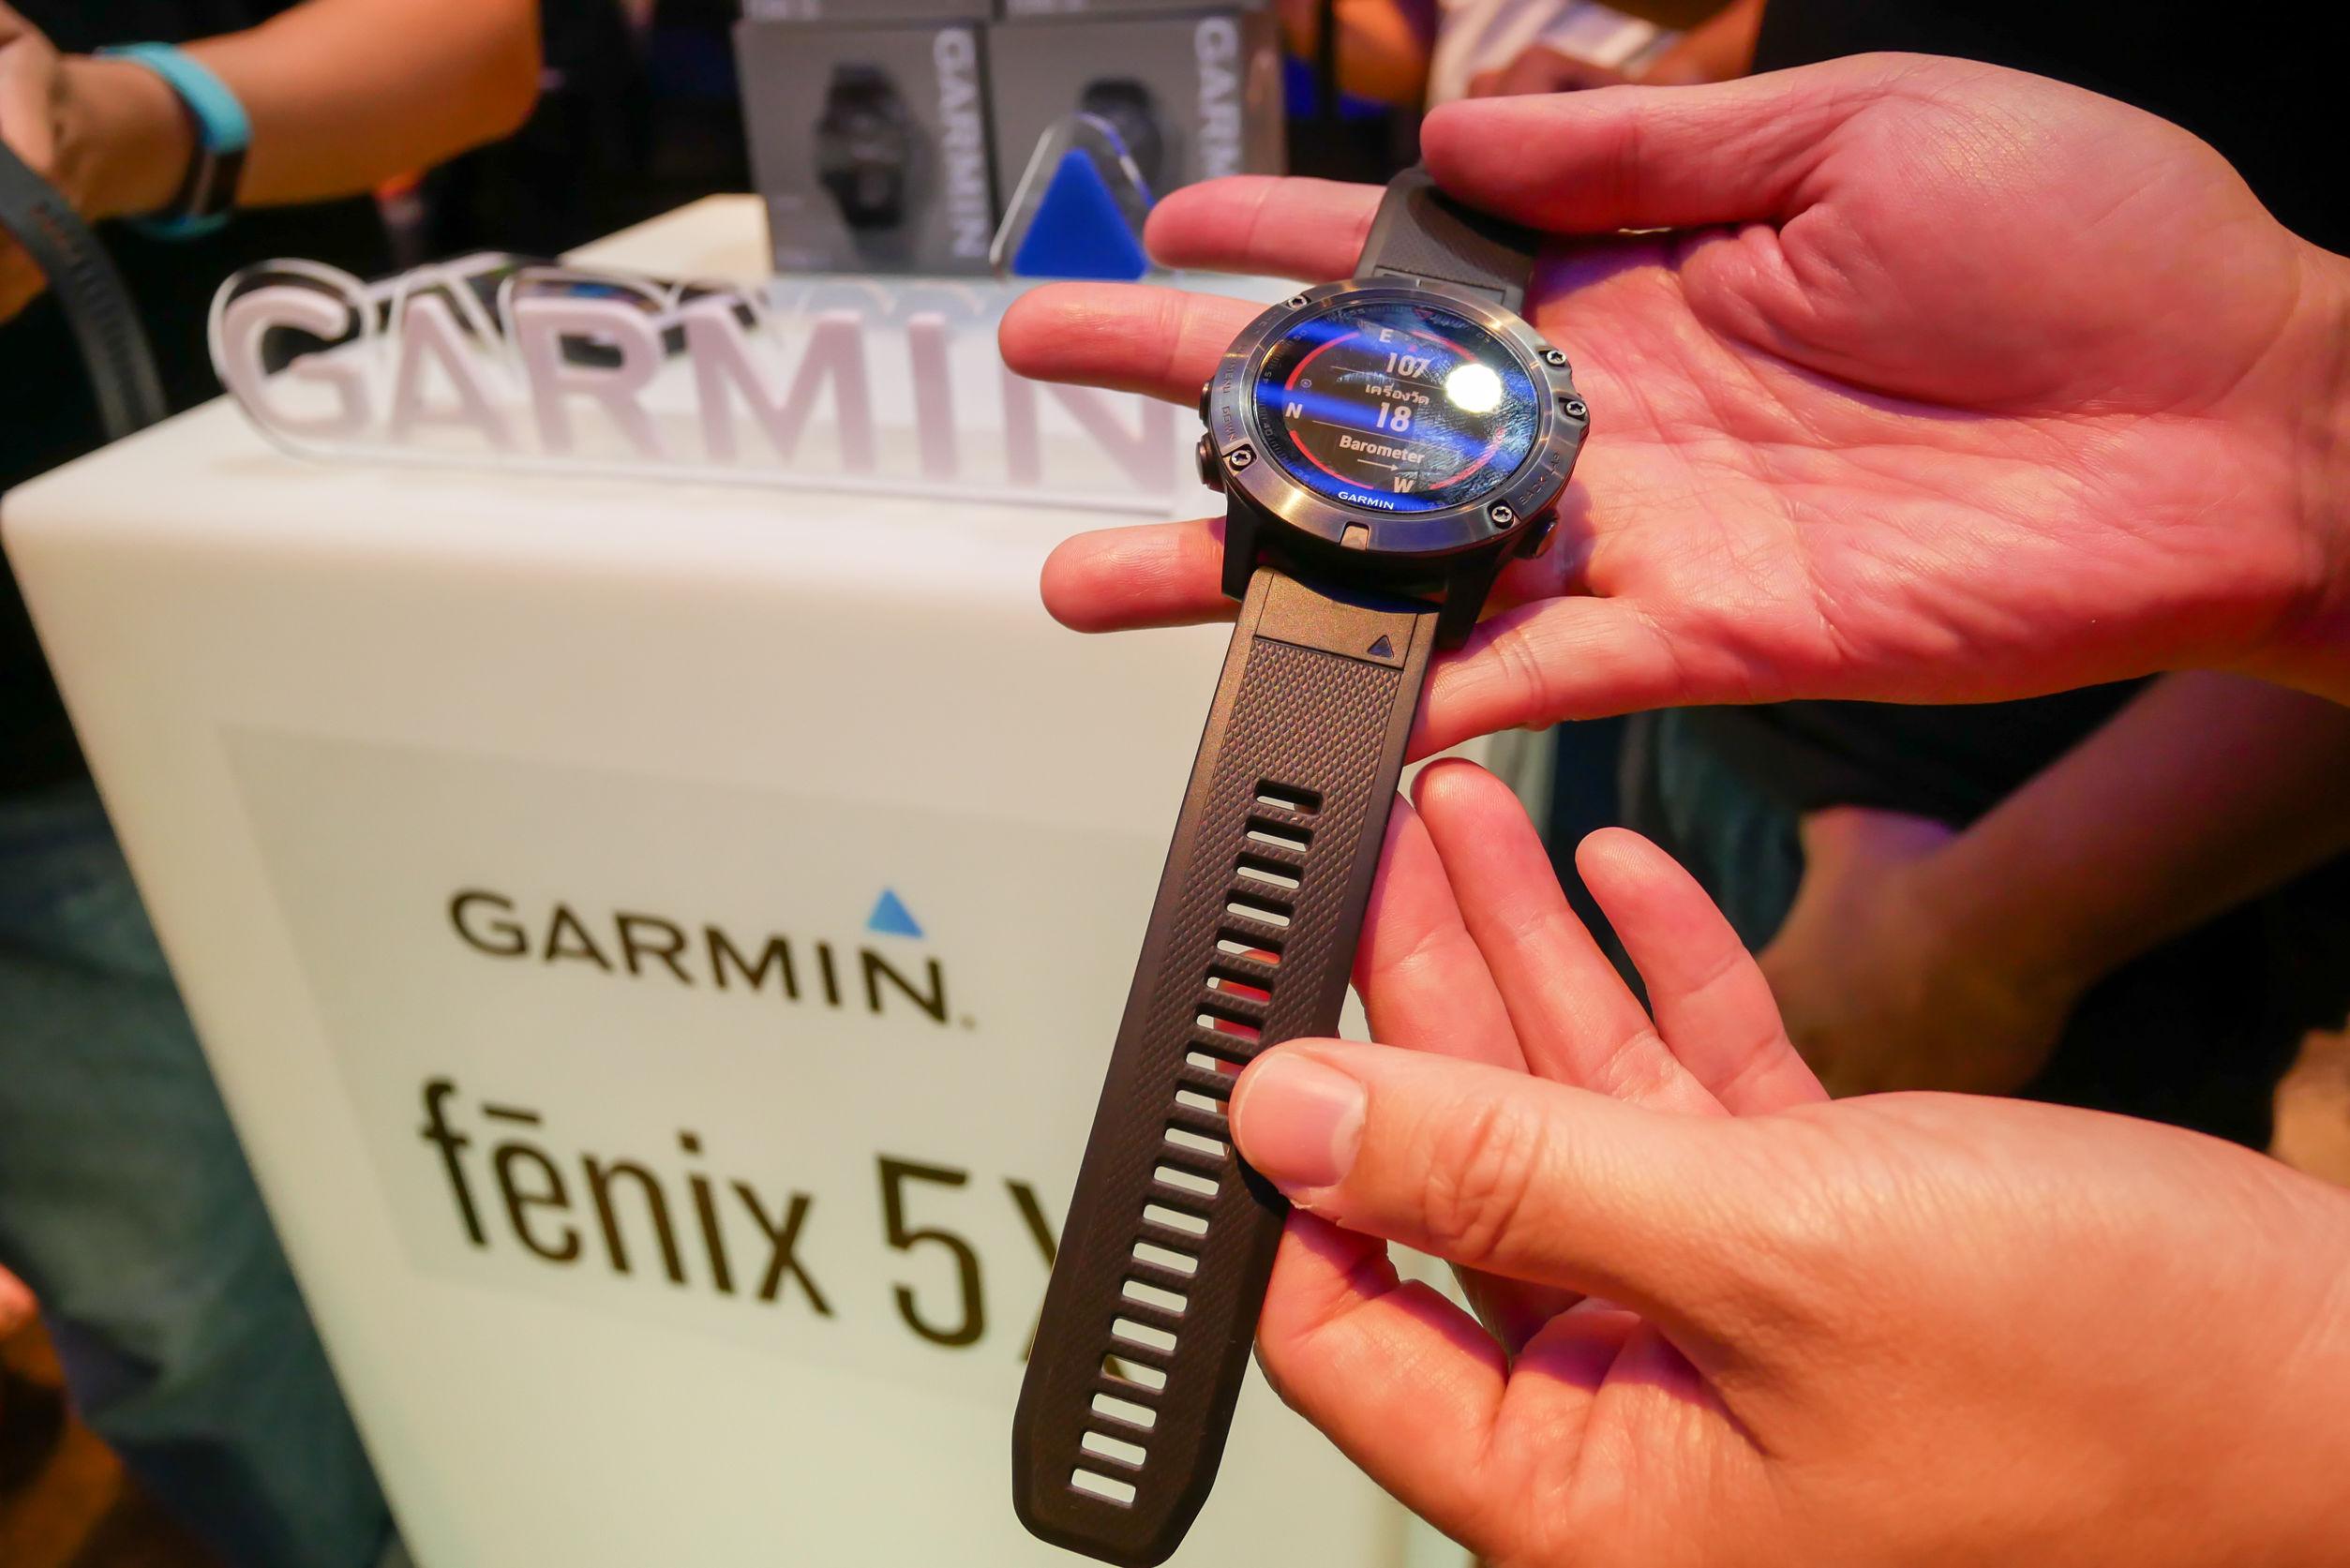 Garmin Fenix: Test & Empfehlungen (03/21)